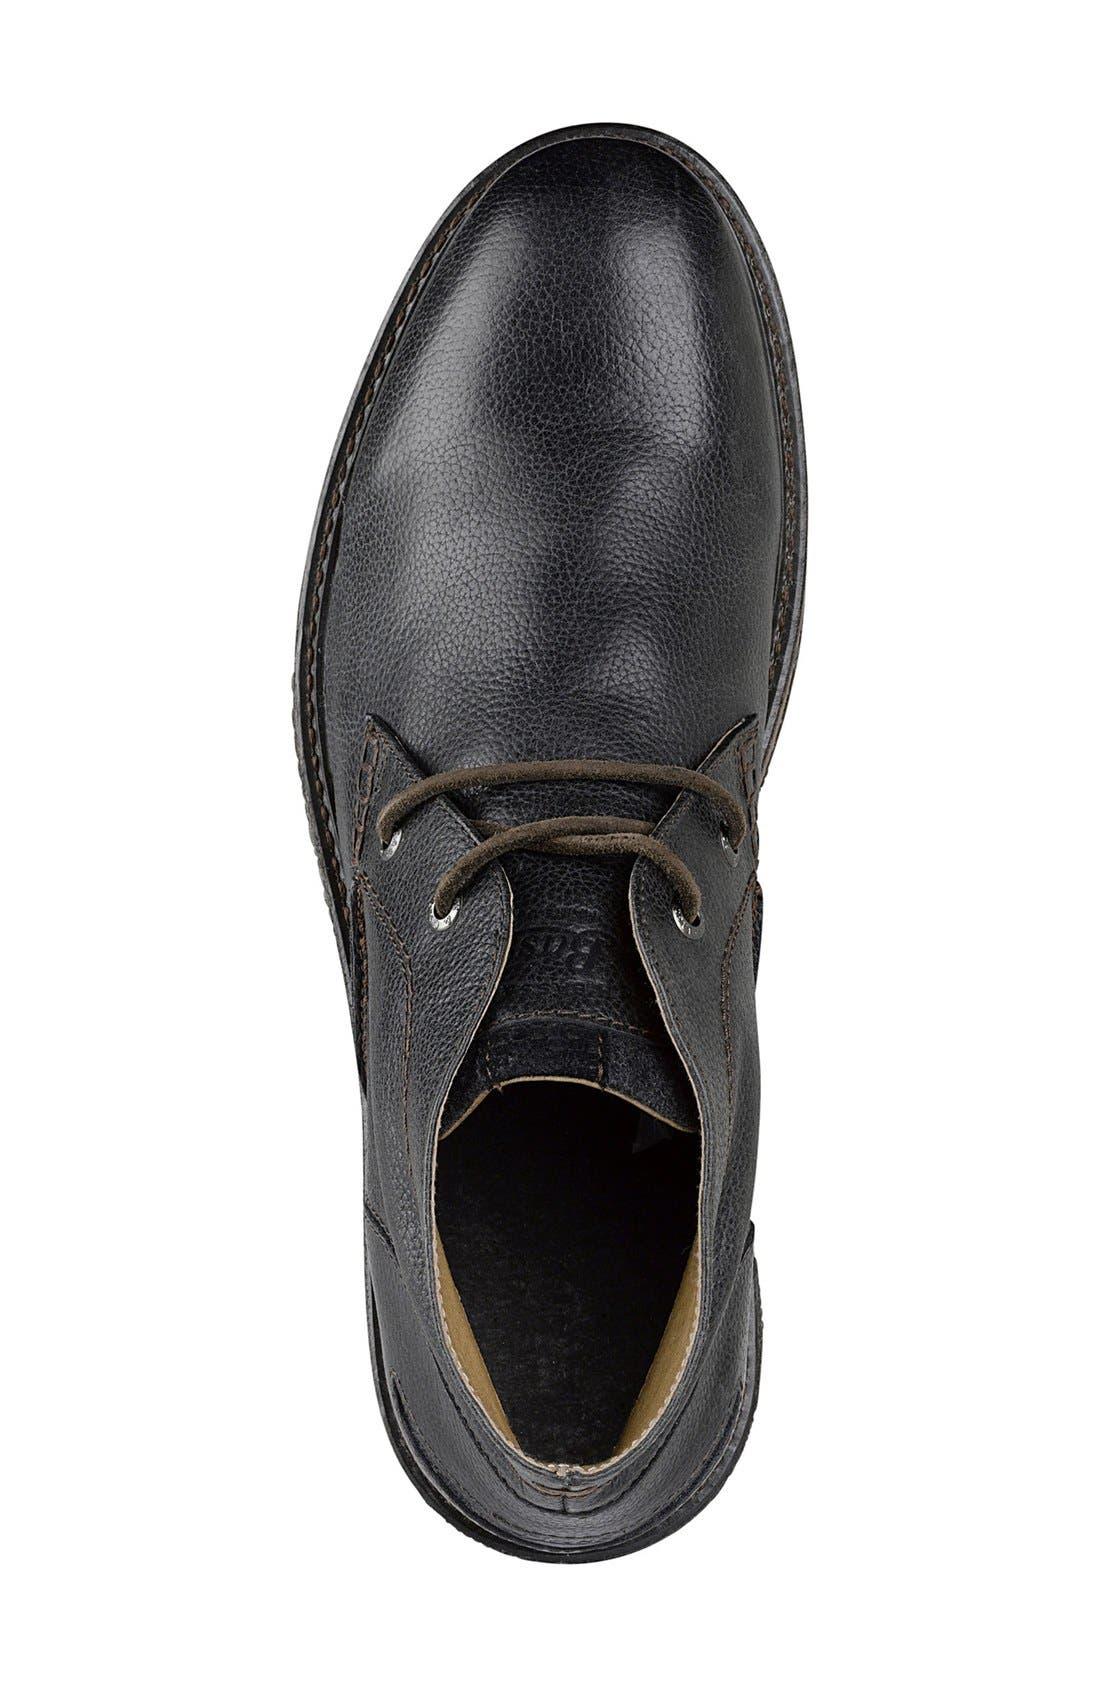 Alternate Image 3  - G.H. Bass & Co. 'Bennett' Chukka Boot (Men)